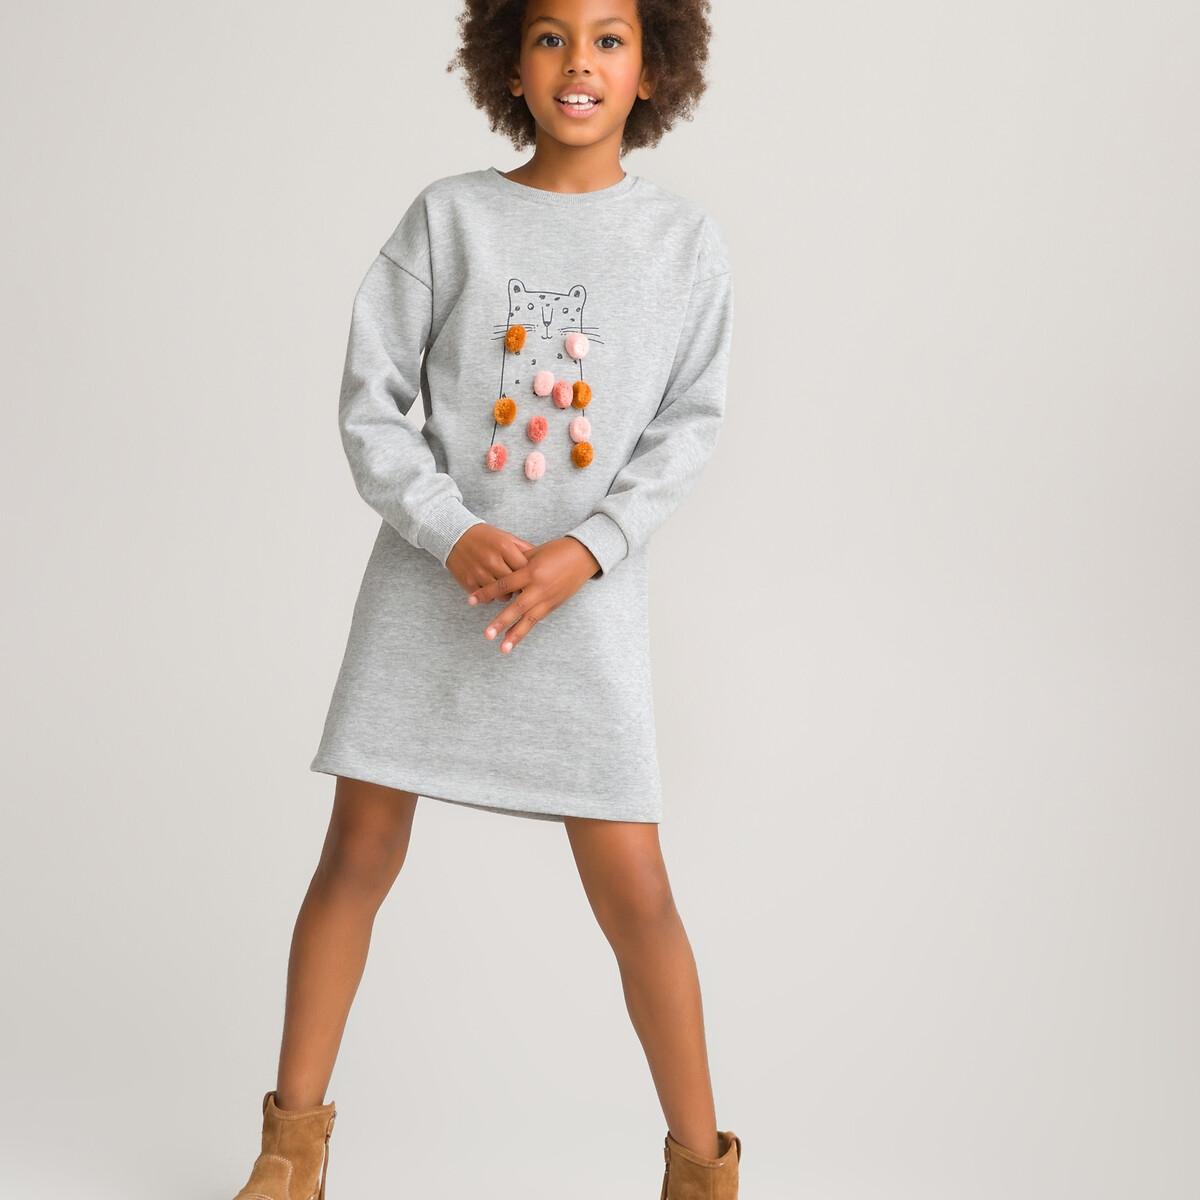 Платье LaRedoute Из мольтона с мелкими помпонами 3-12 лет 5 - 108 см серый